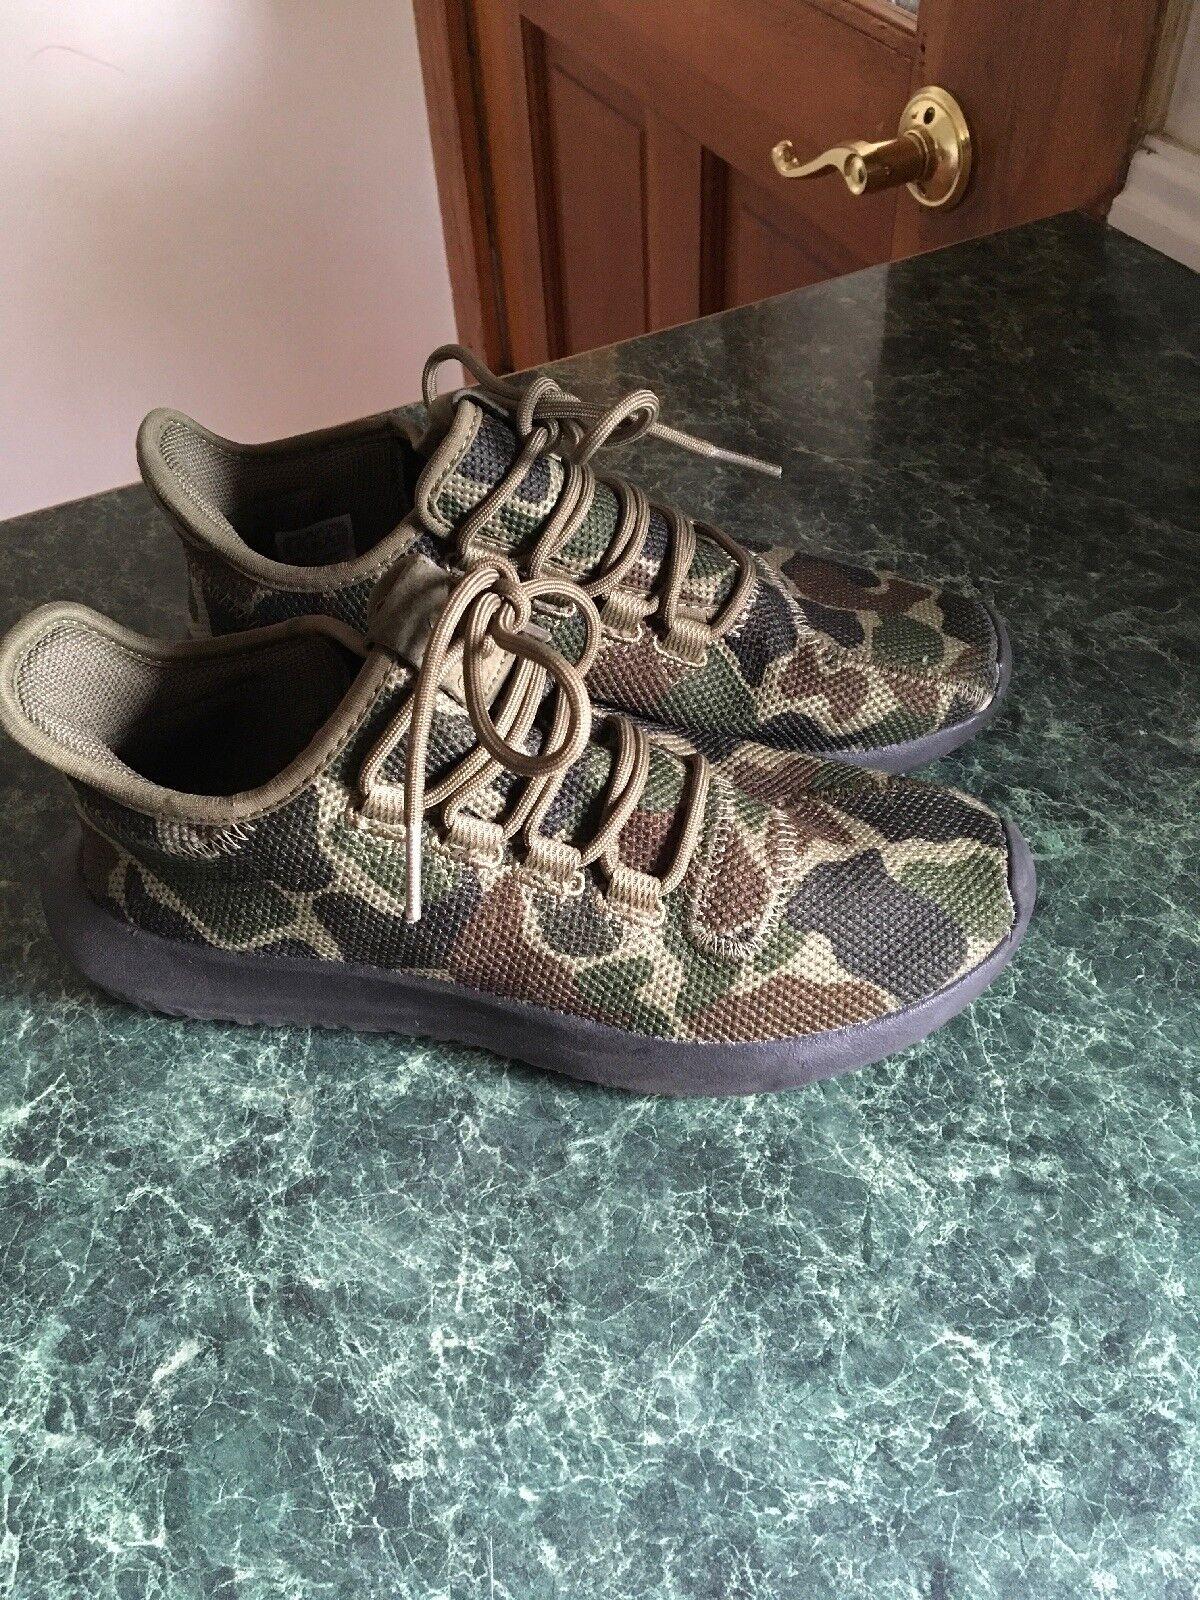 Adidas originals tubuläre nacht schuh fracht schwarze camo männer schuh nacht - militärischen farbe 944c0c